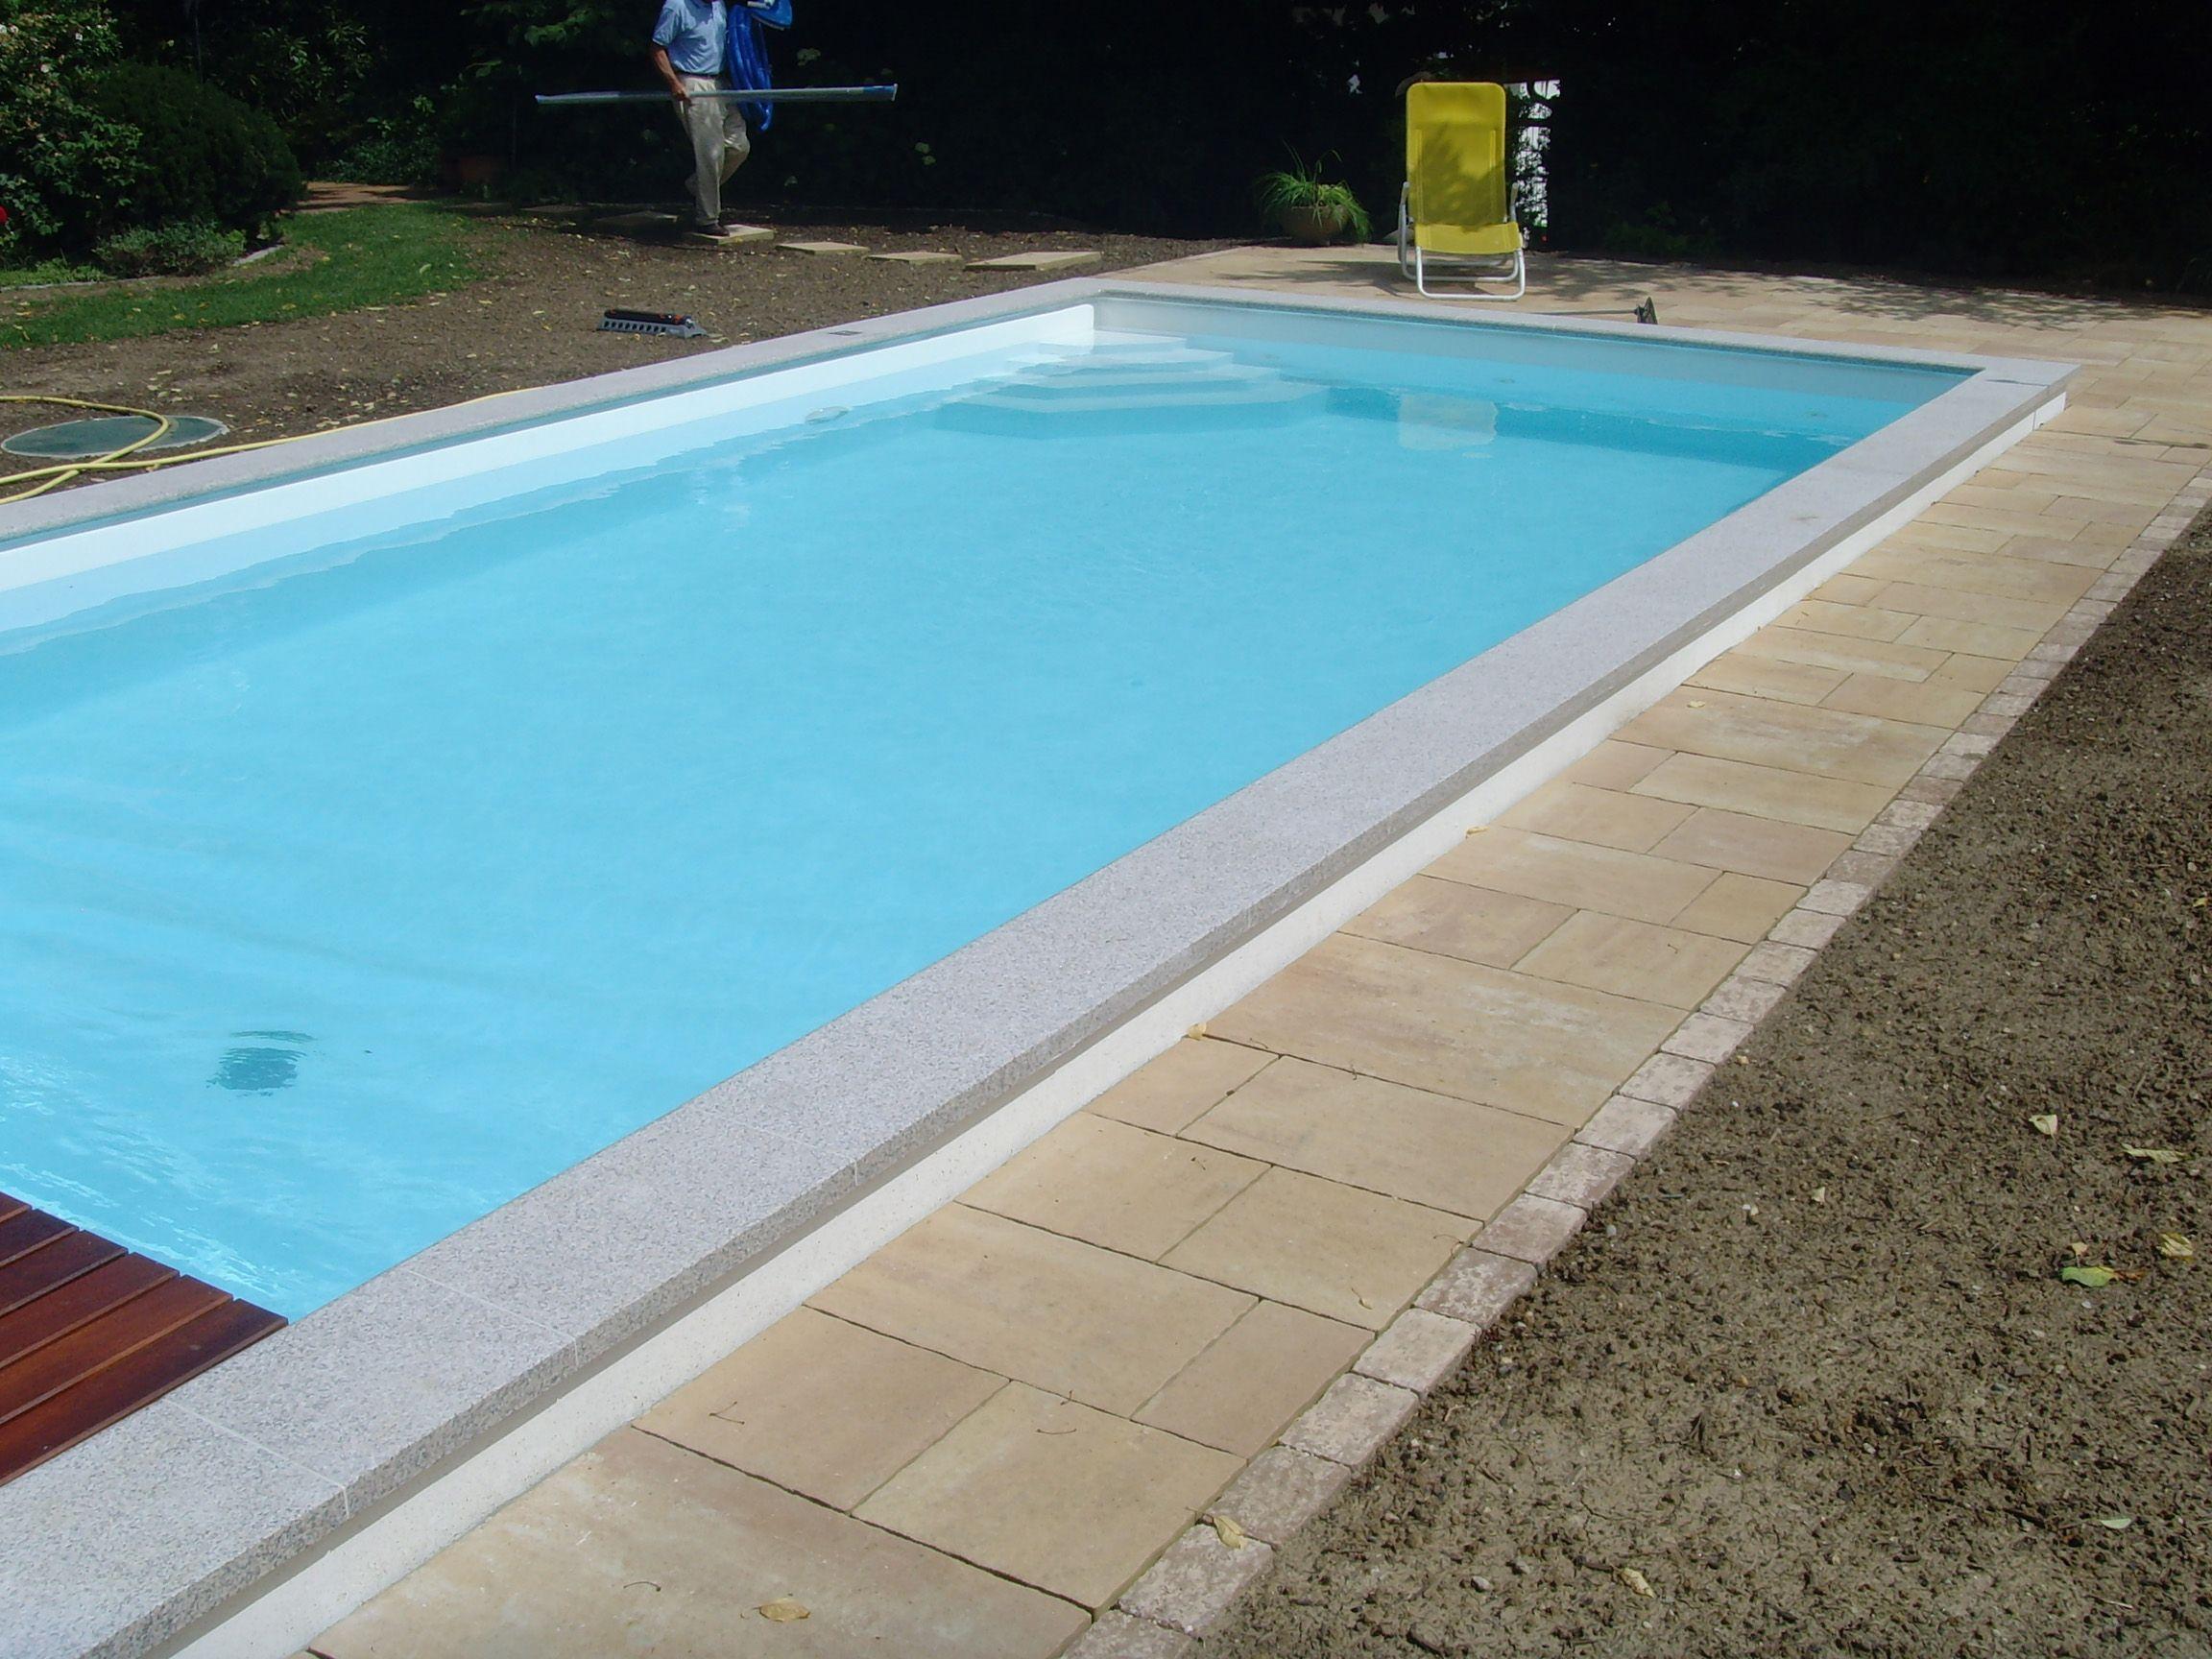 Schwimmbäder Darmstadt schwimmbad bauen ingolstadt schwimmbadbau in ingolstadt